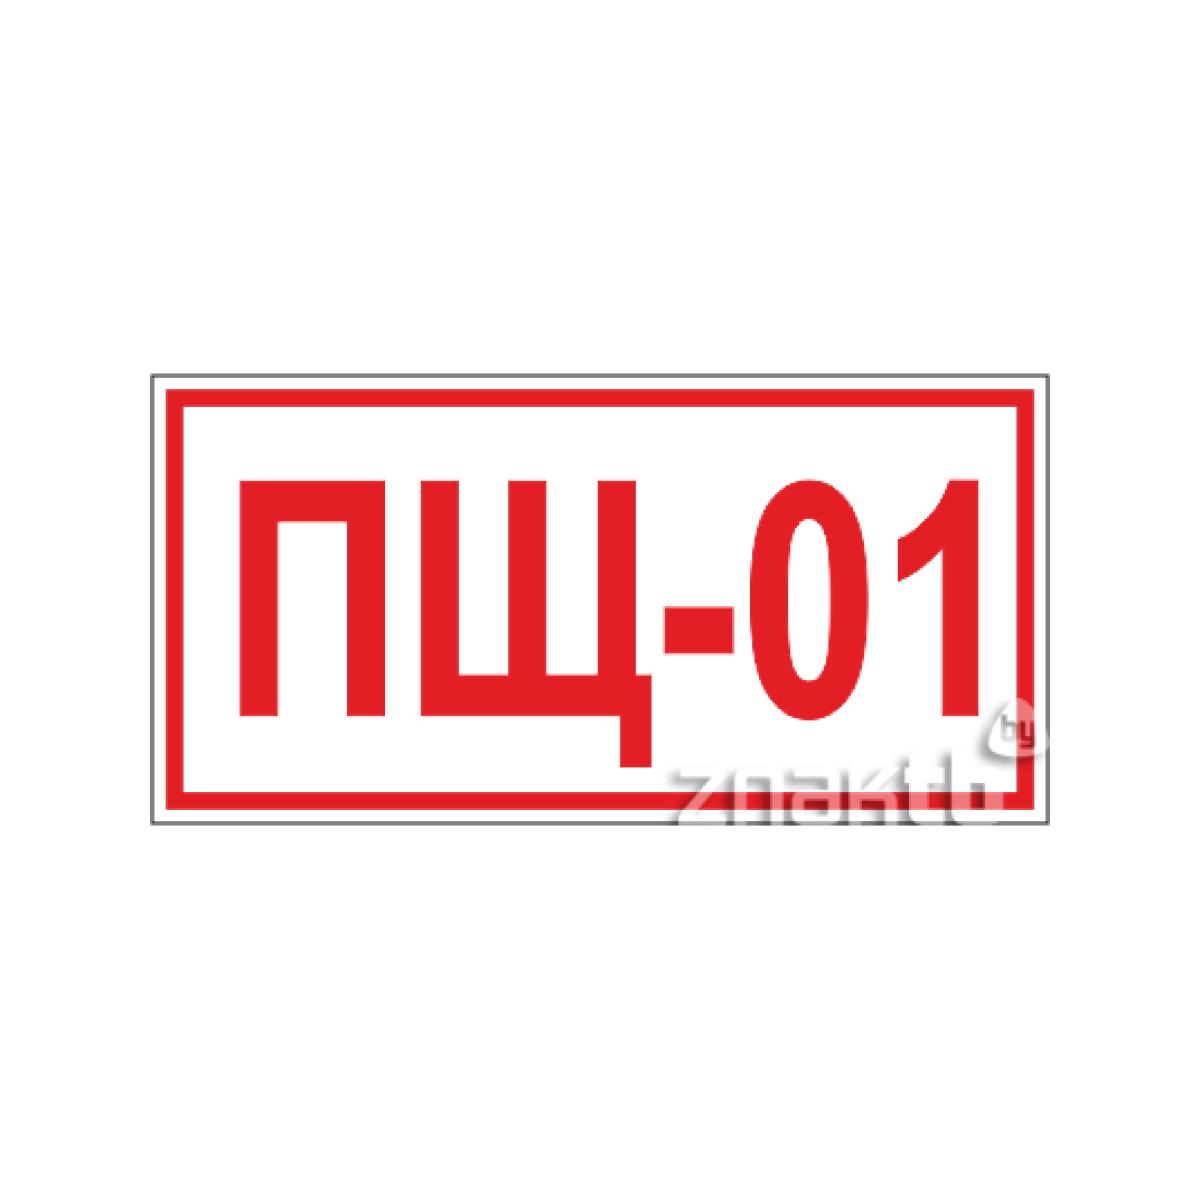 194 Знак Порядковый номер пожарного щита